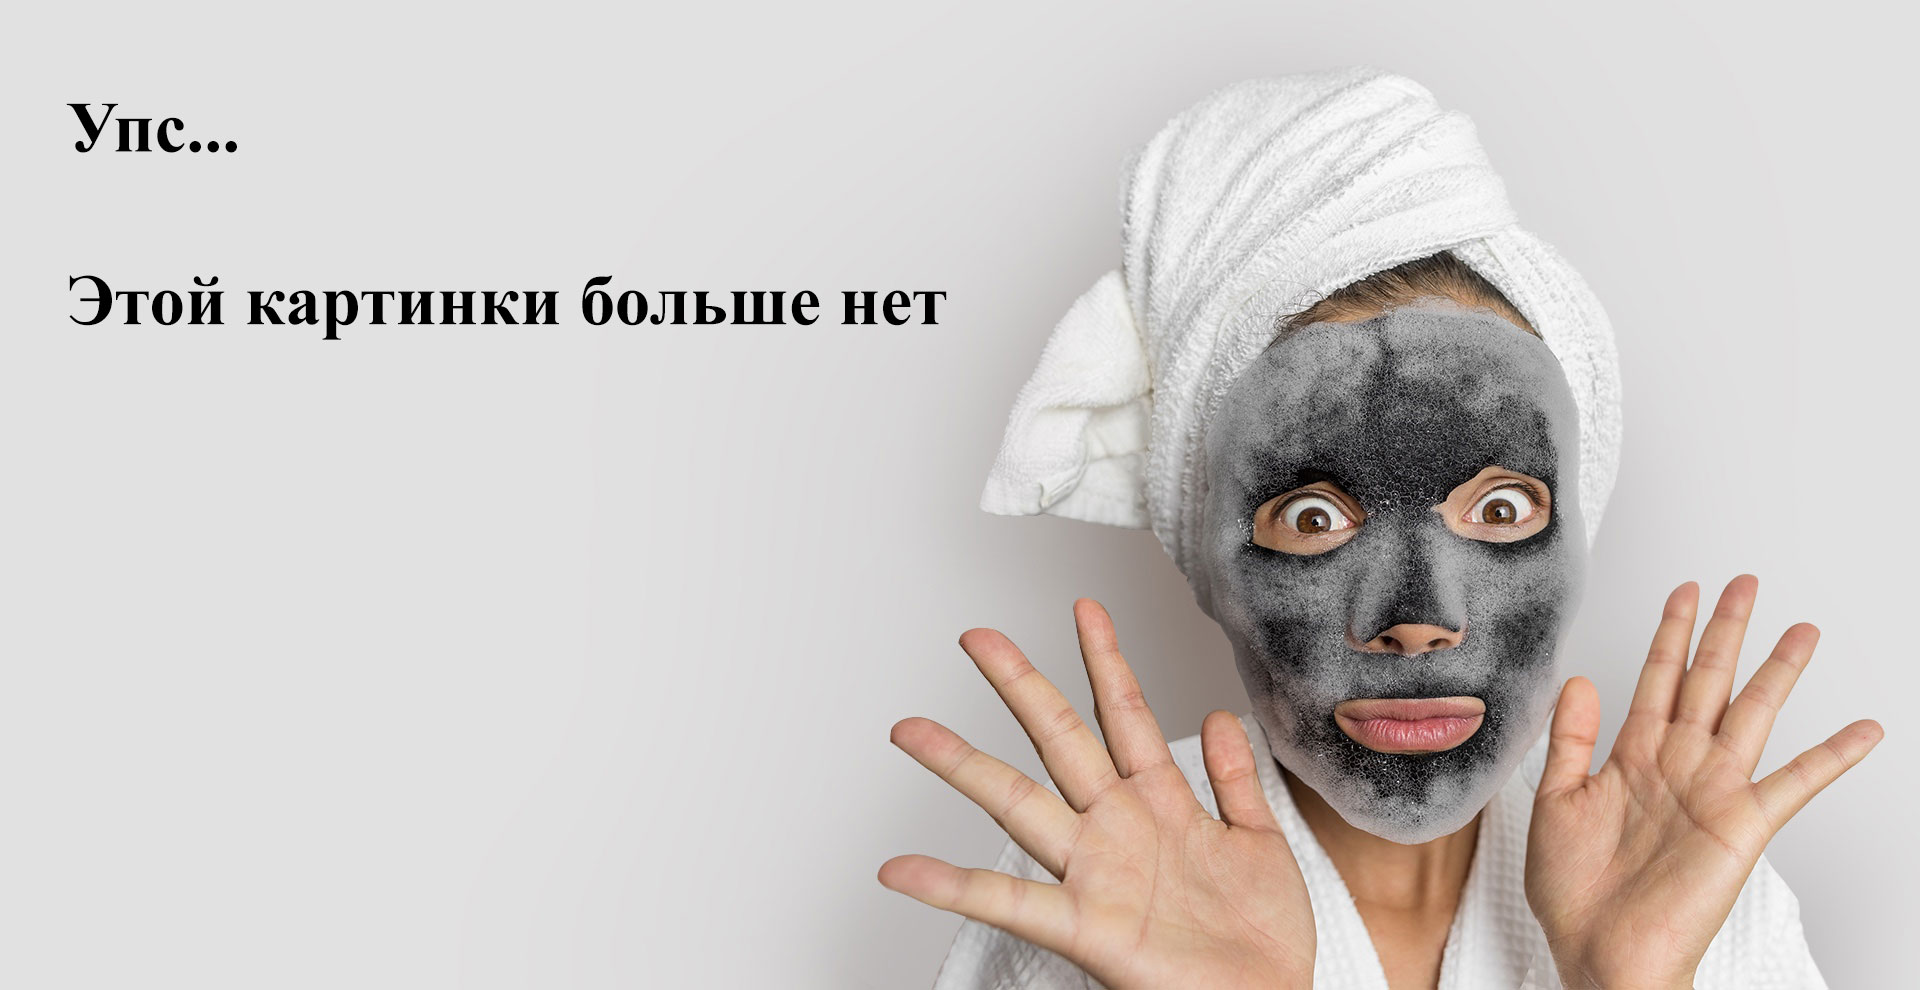 Levrana, Солнцезащитный крем «Календула» 30 SPF Pink, 50 мл (УЦЕНКА)